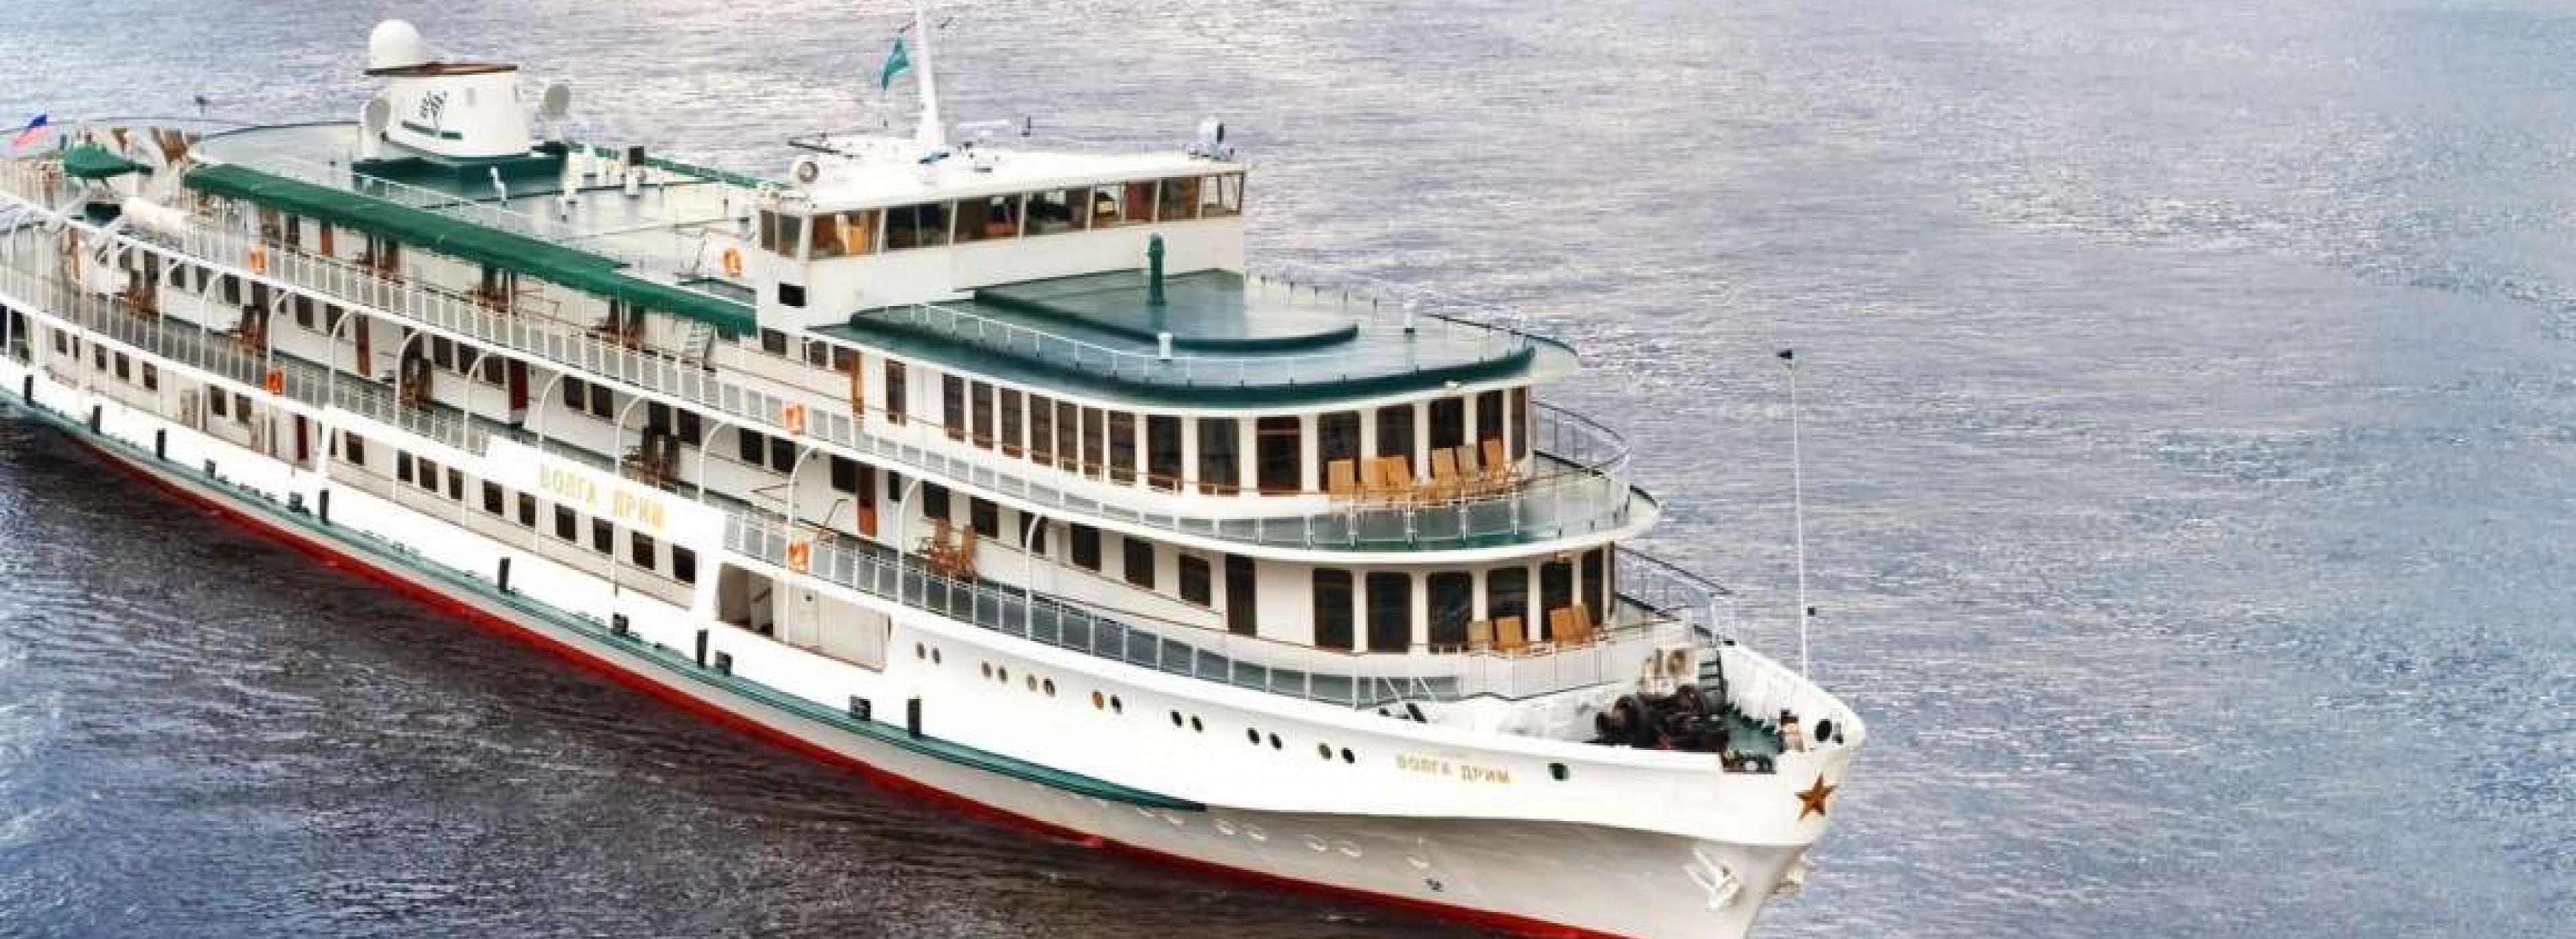 Volga Dream Cruise